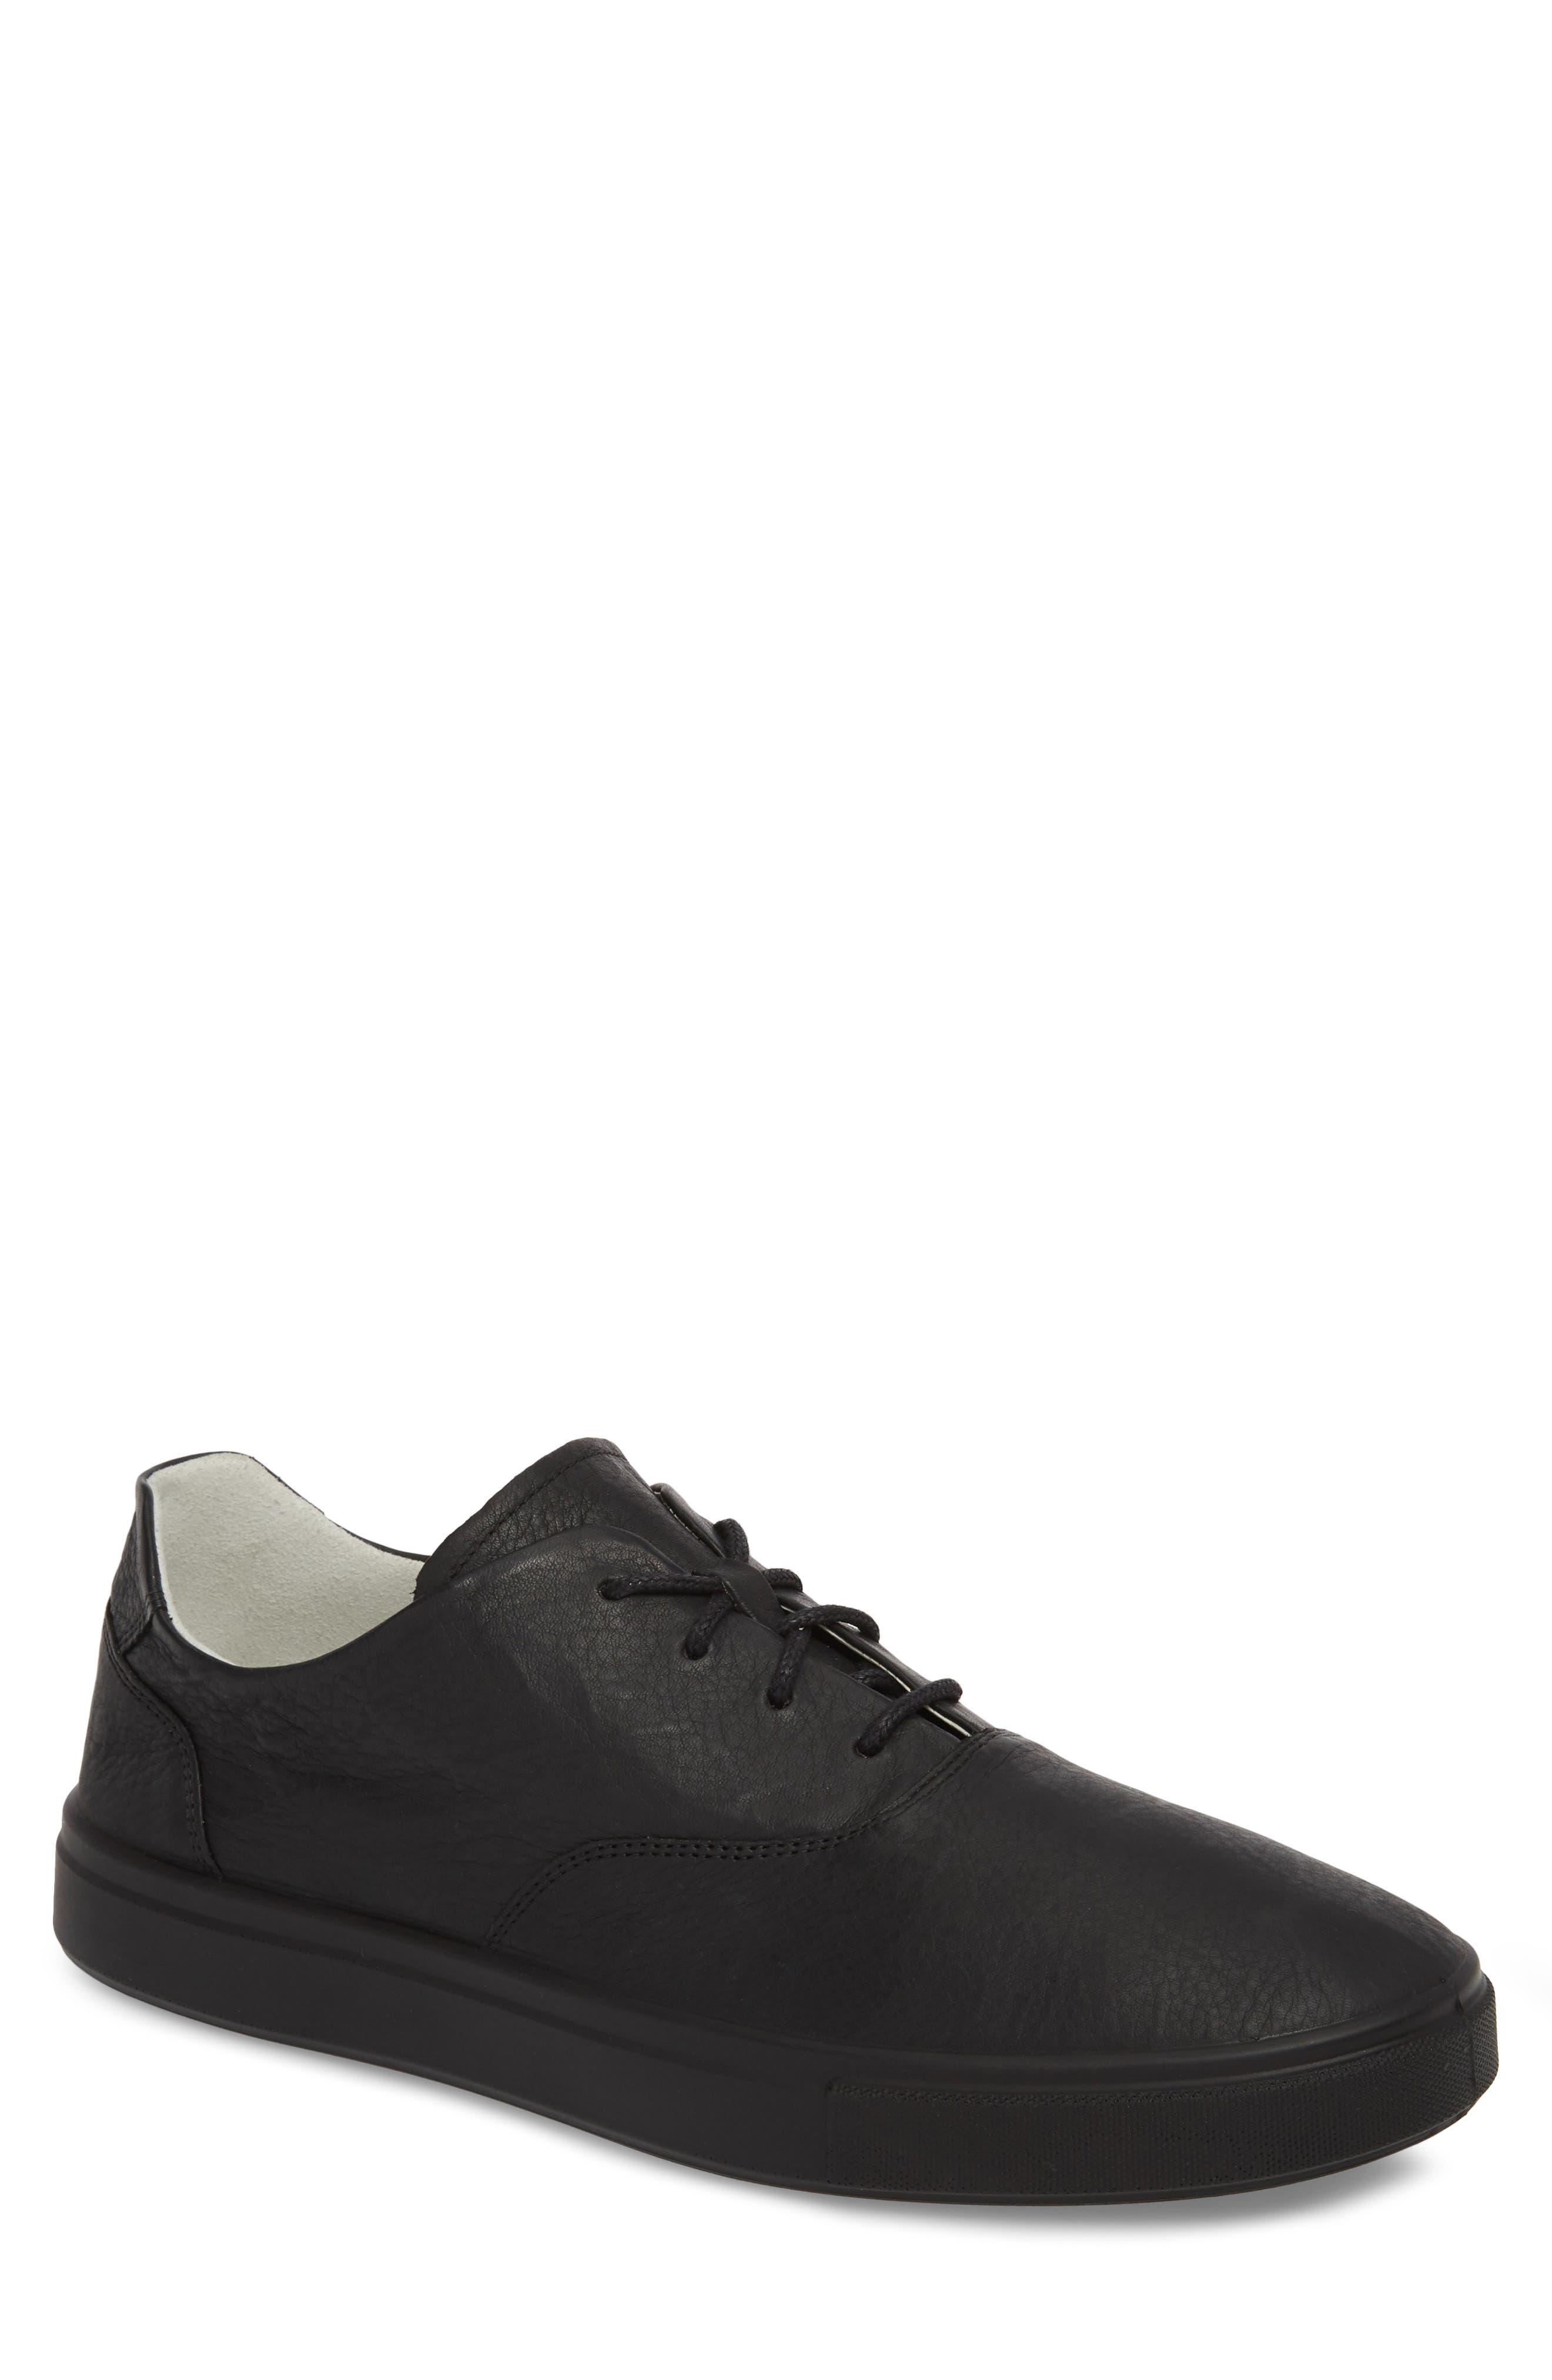 ECCO Kyle Low Top Sneaker, Main, color, 003